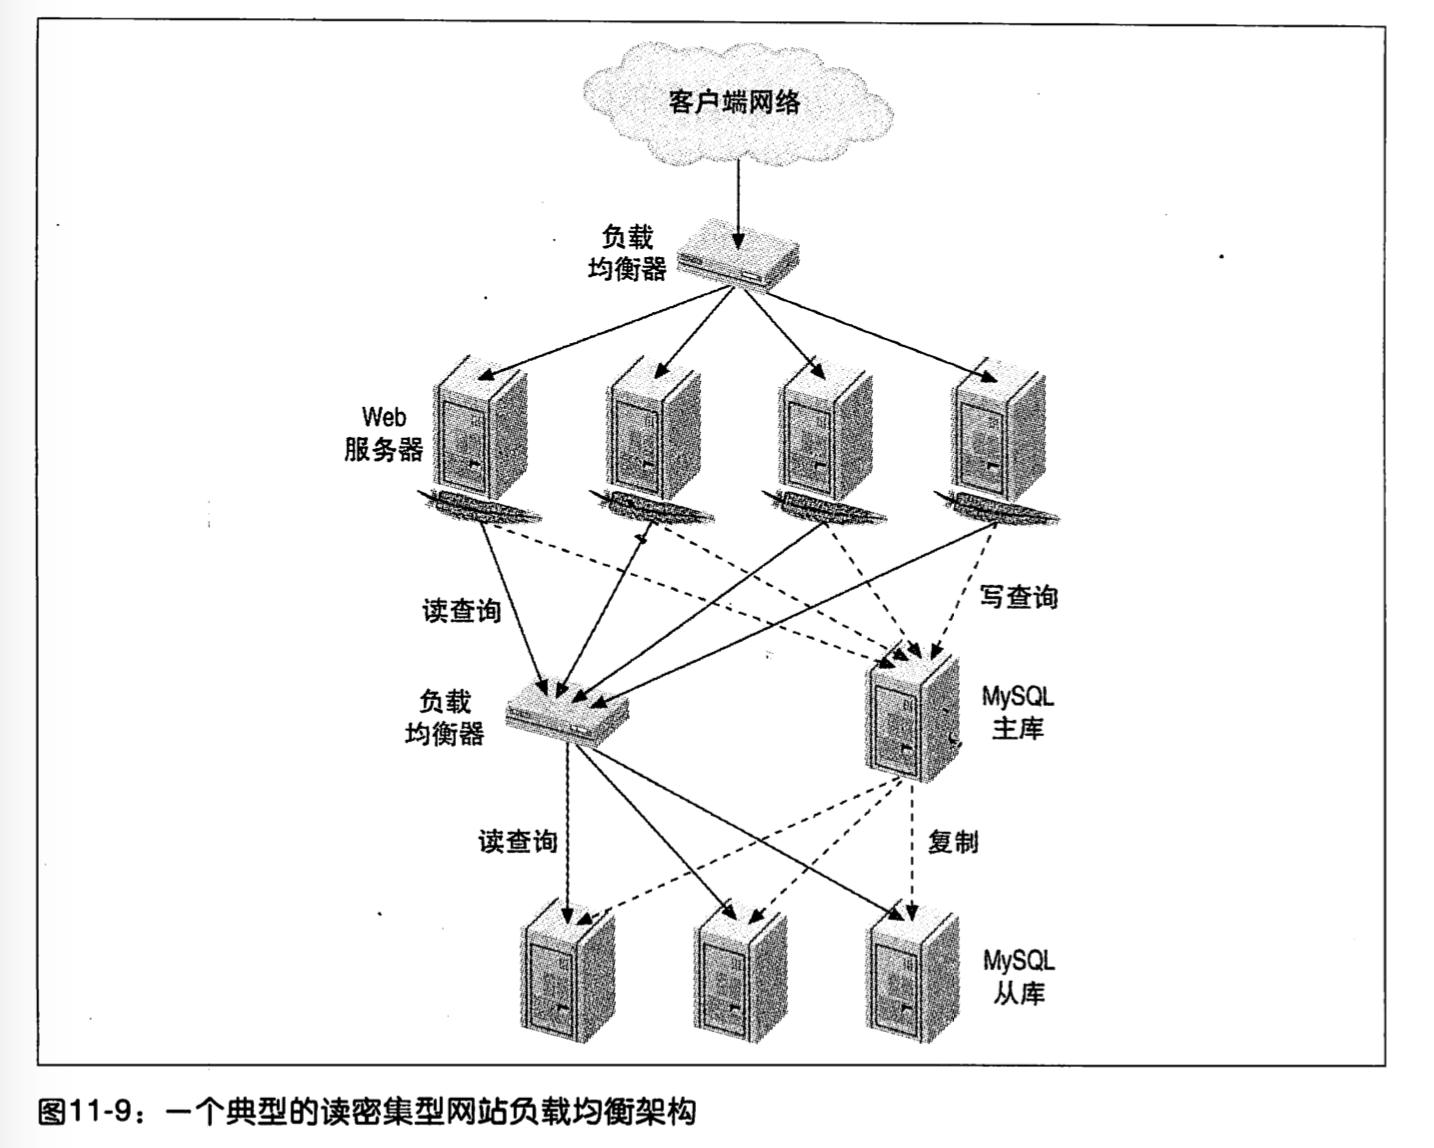 一个典型的读密集型网站负载均衡架构